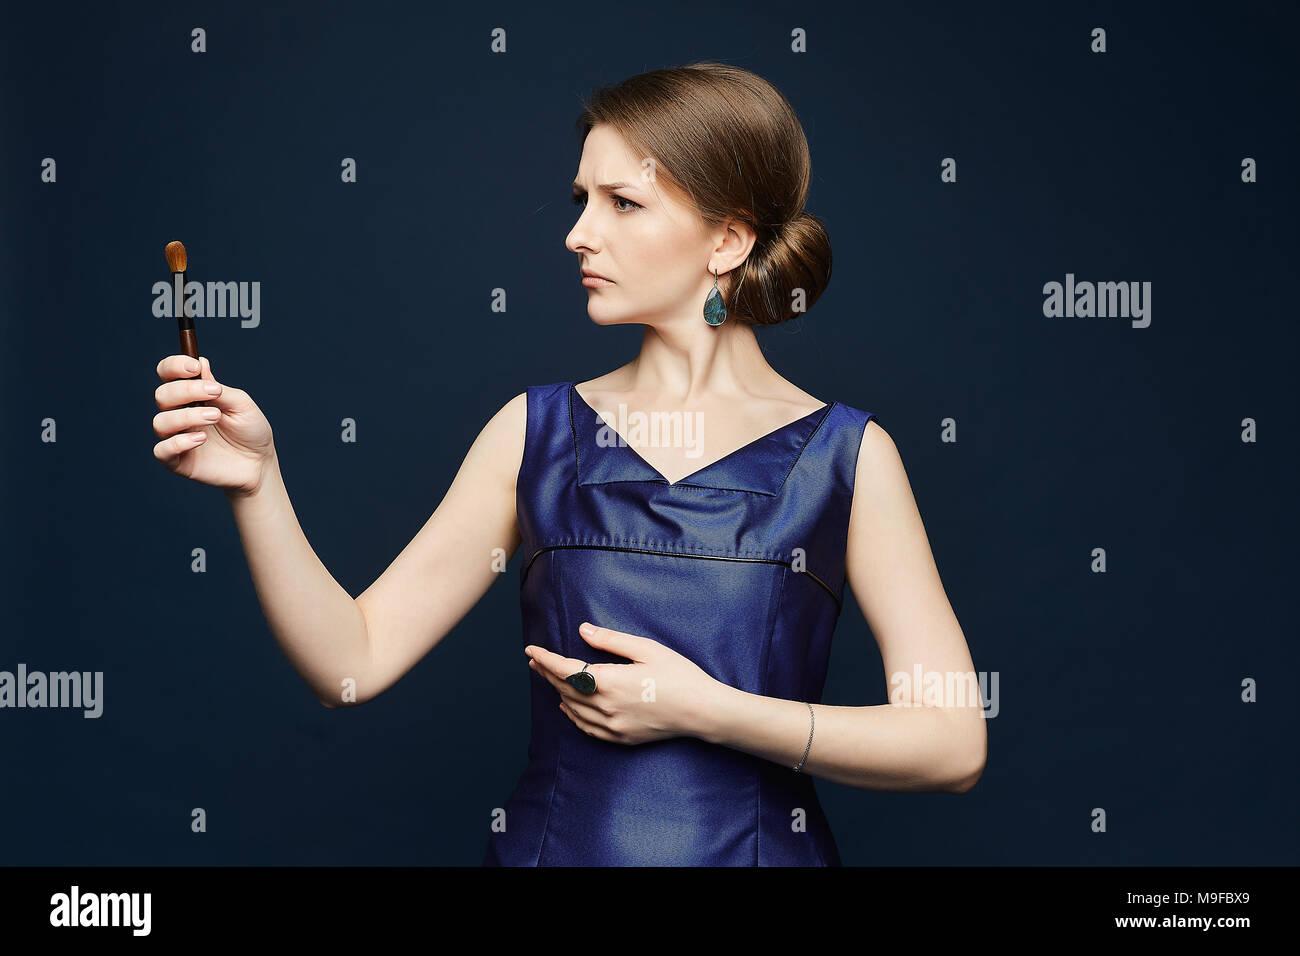 Schöne Und Trendige Junge Brünette Frau Im Blauen Kleid Hält Eine